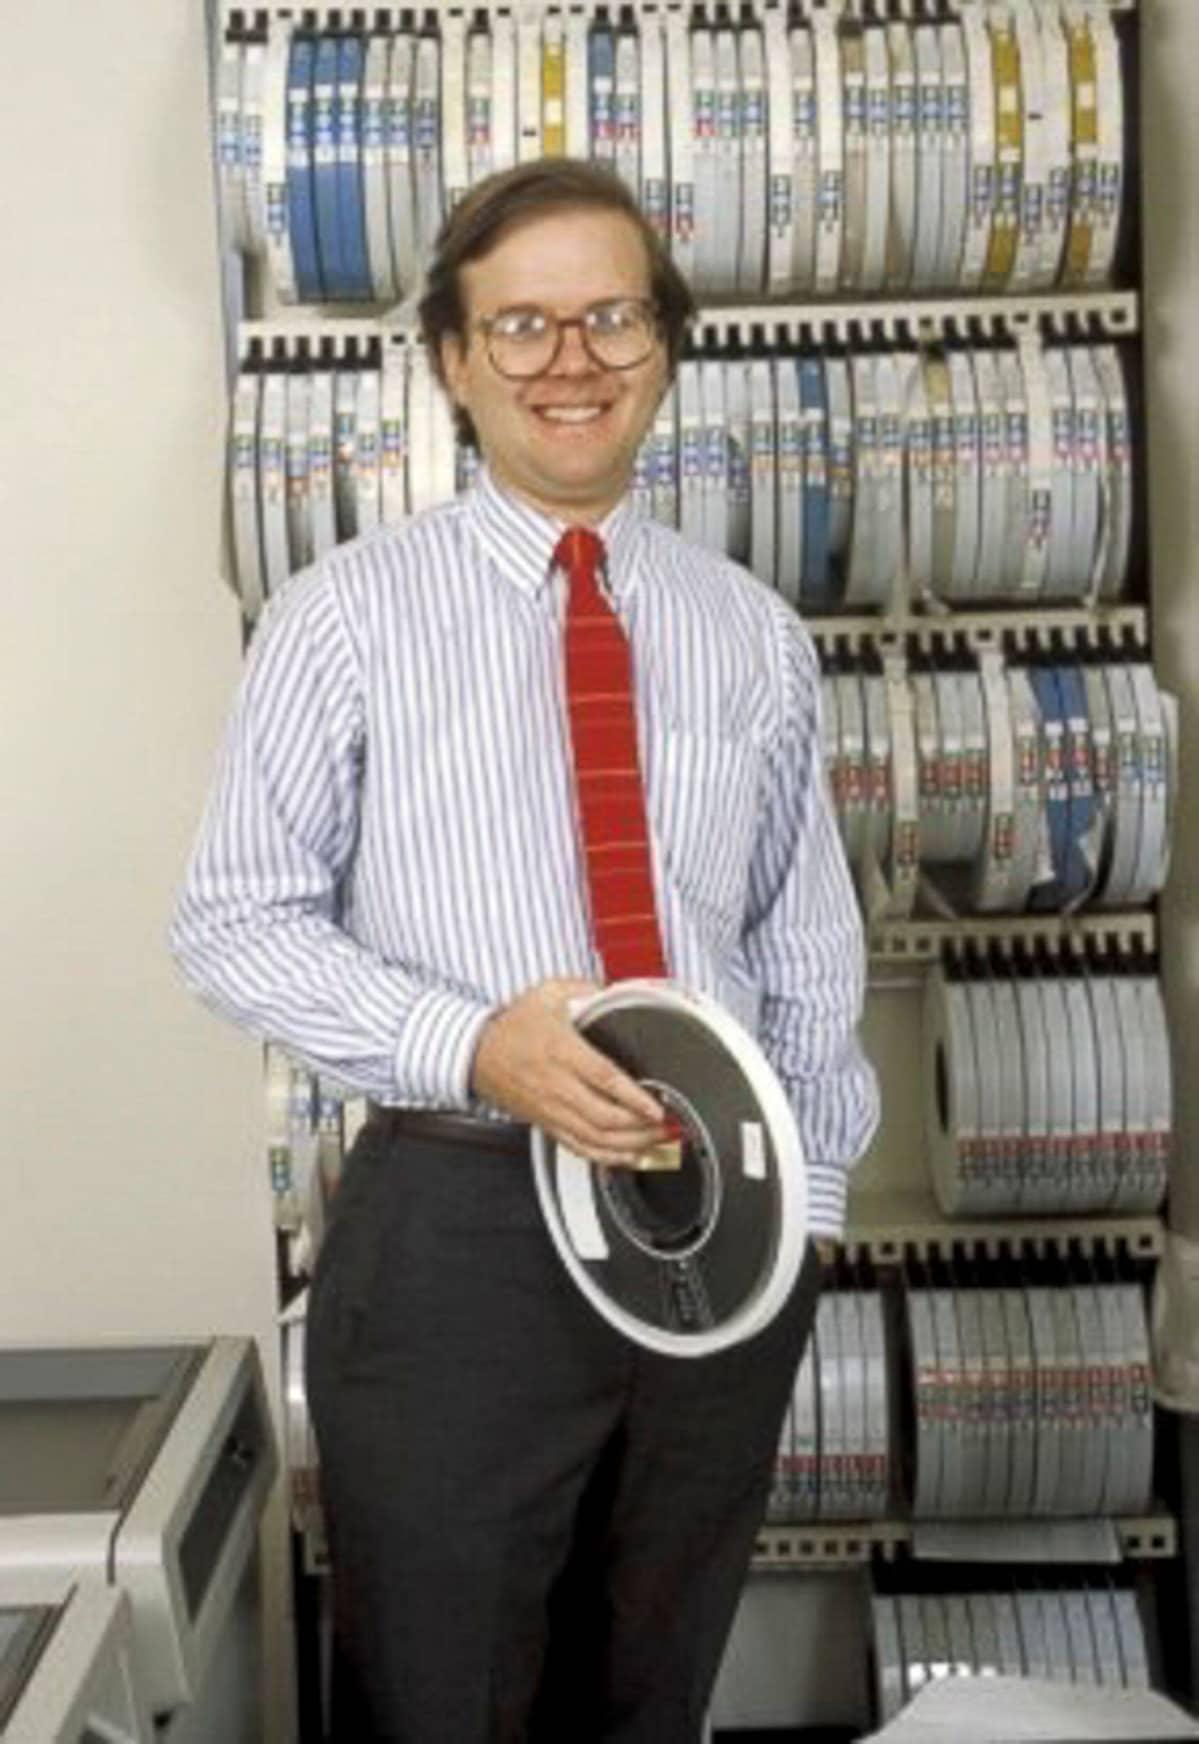 Nuori Karl Rove kädessään magneettinauhoja.